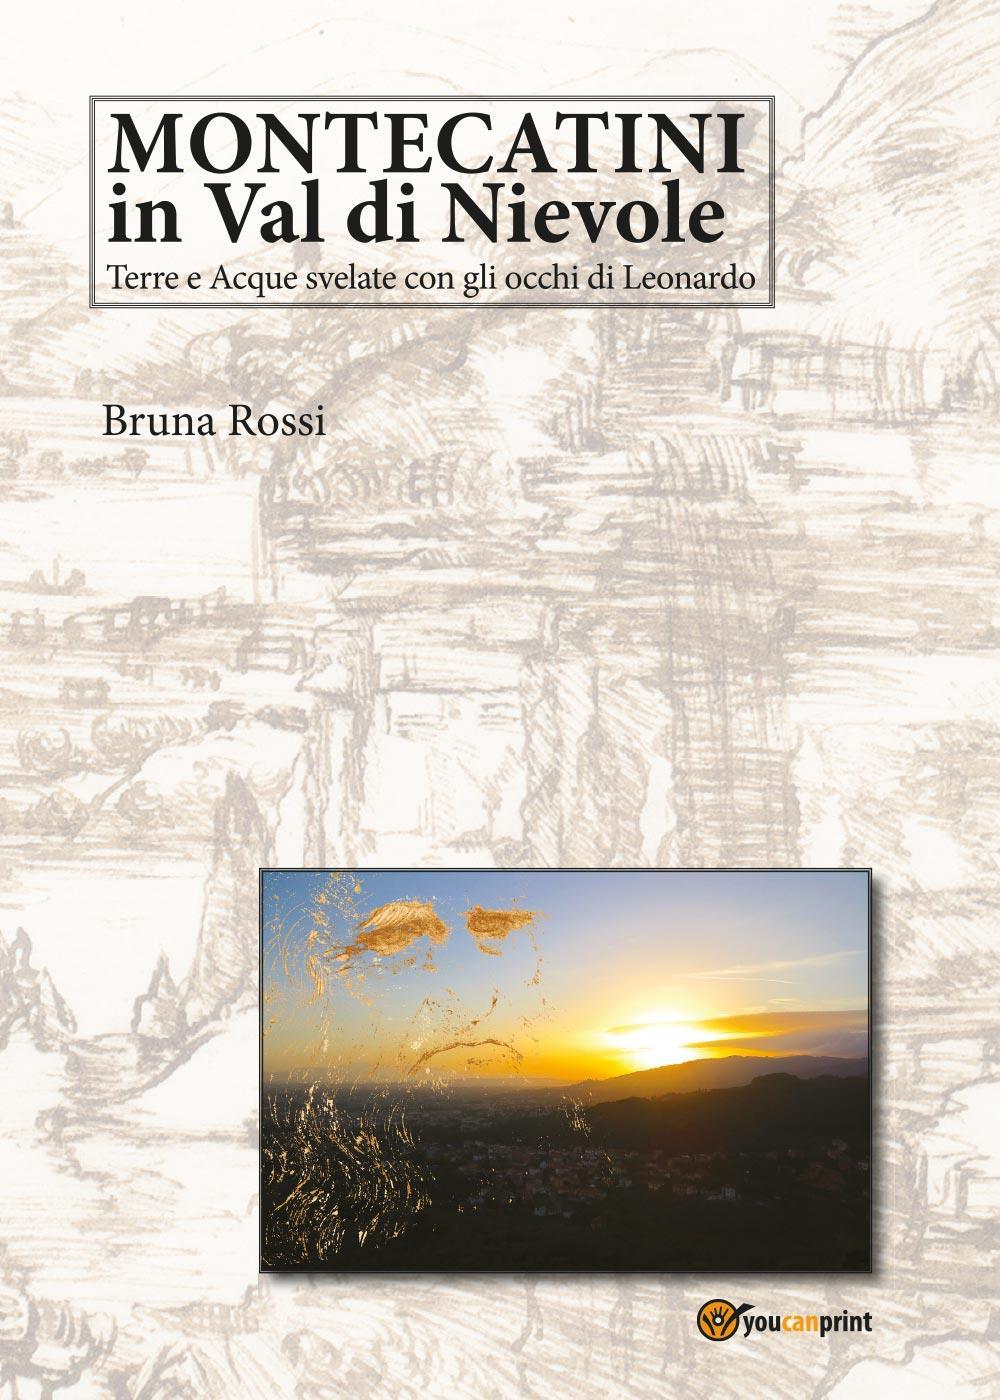 Montecatini in Val di Nievole: Terre e Acque svelate con gli occhi di Leonardo